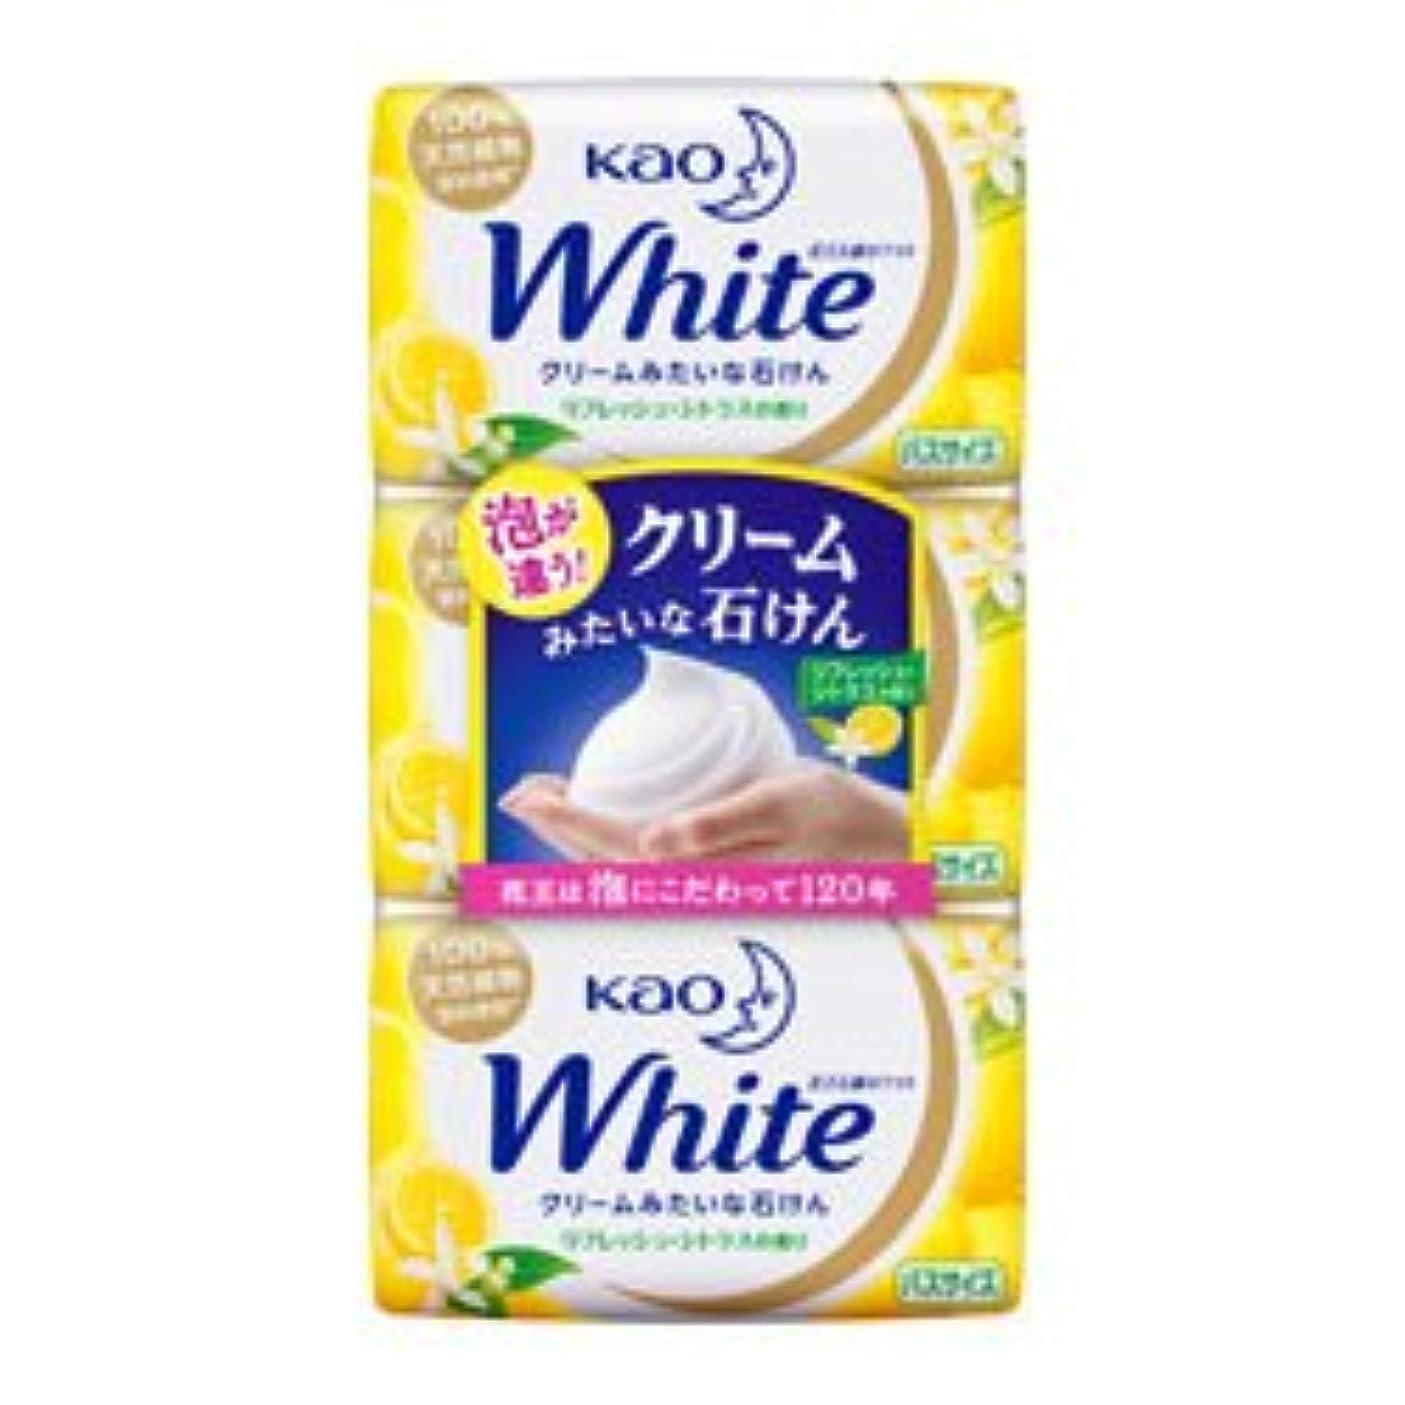 矩形軽に勝る【花王】ホワイト リフレッシュ?シトラスの香り バスサイズ 130g×3個入 ×20個セット